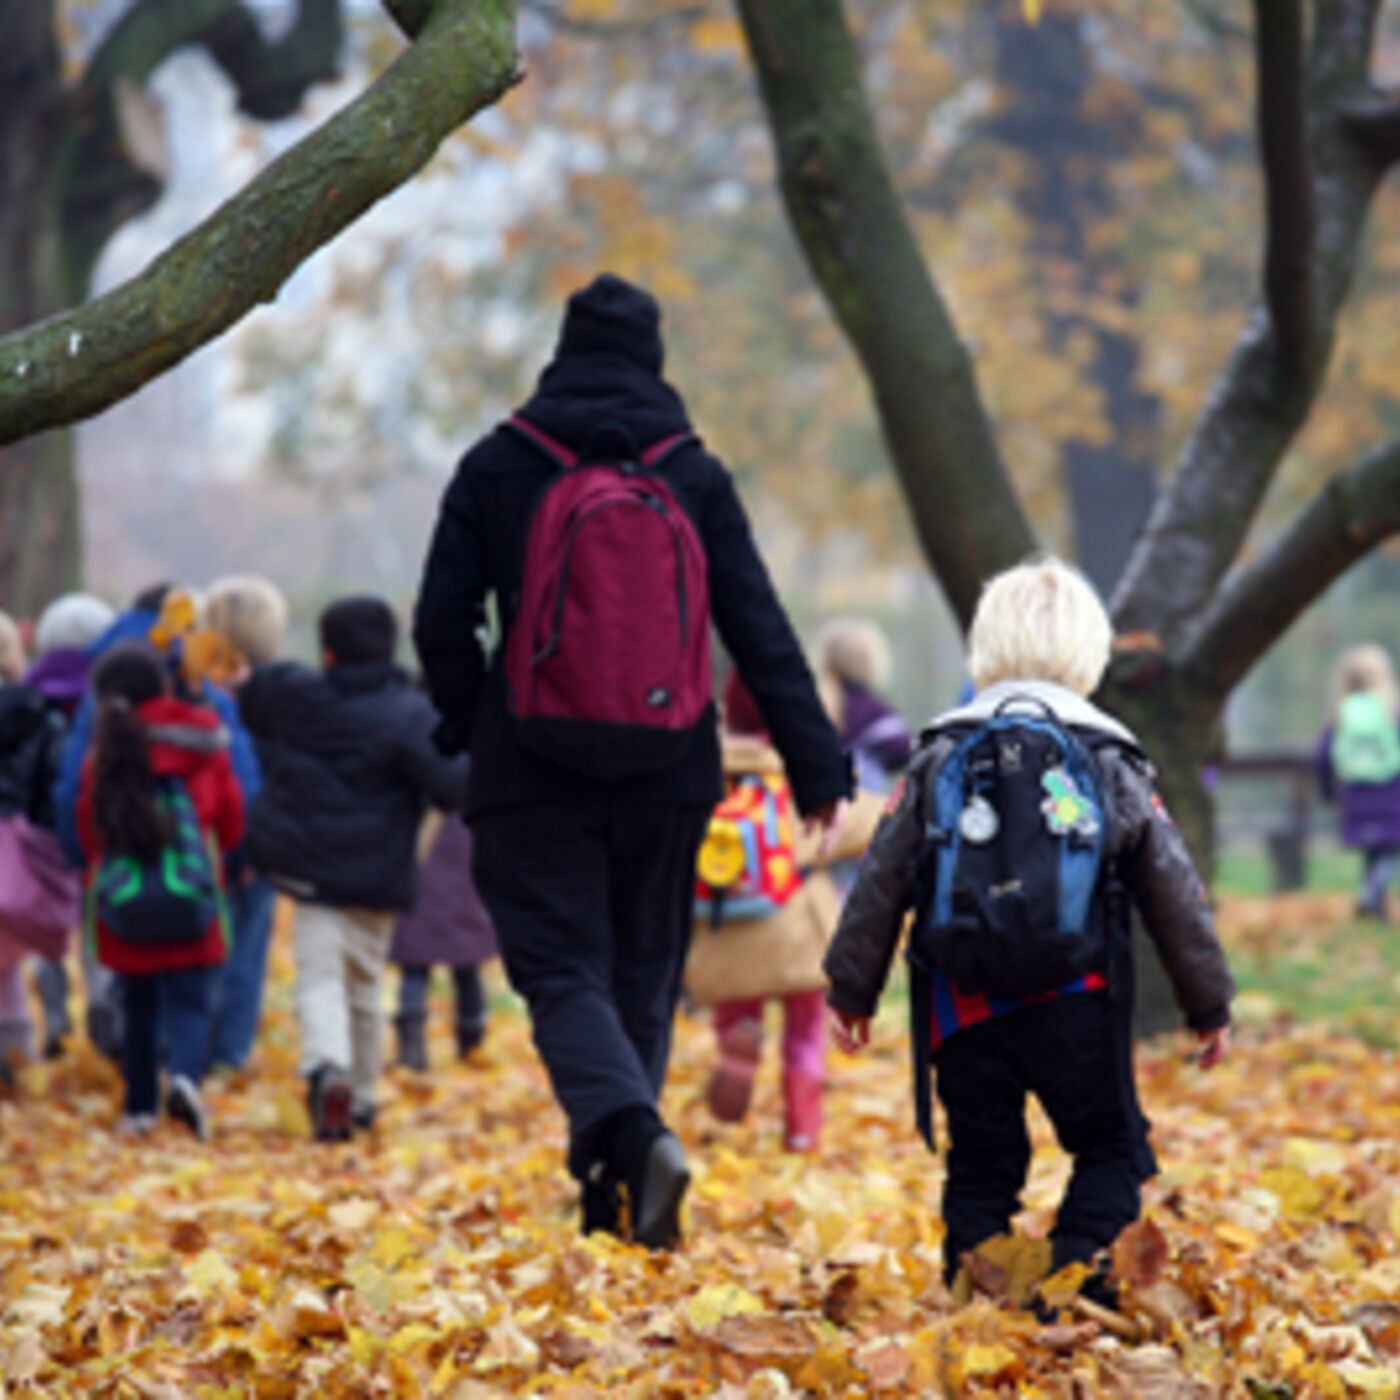 Dagtilbuddets betydning for børn i udsatte positioner